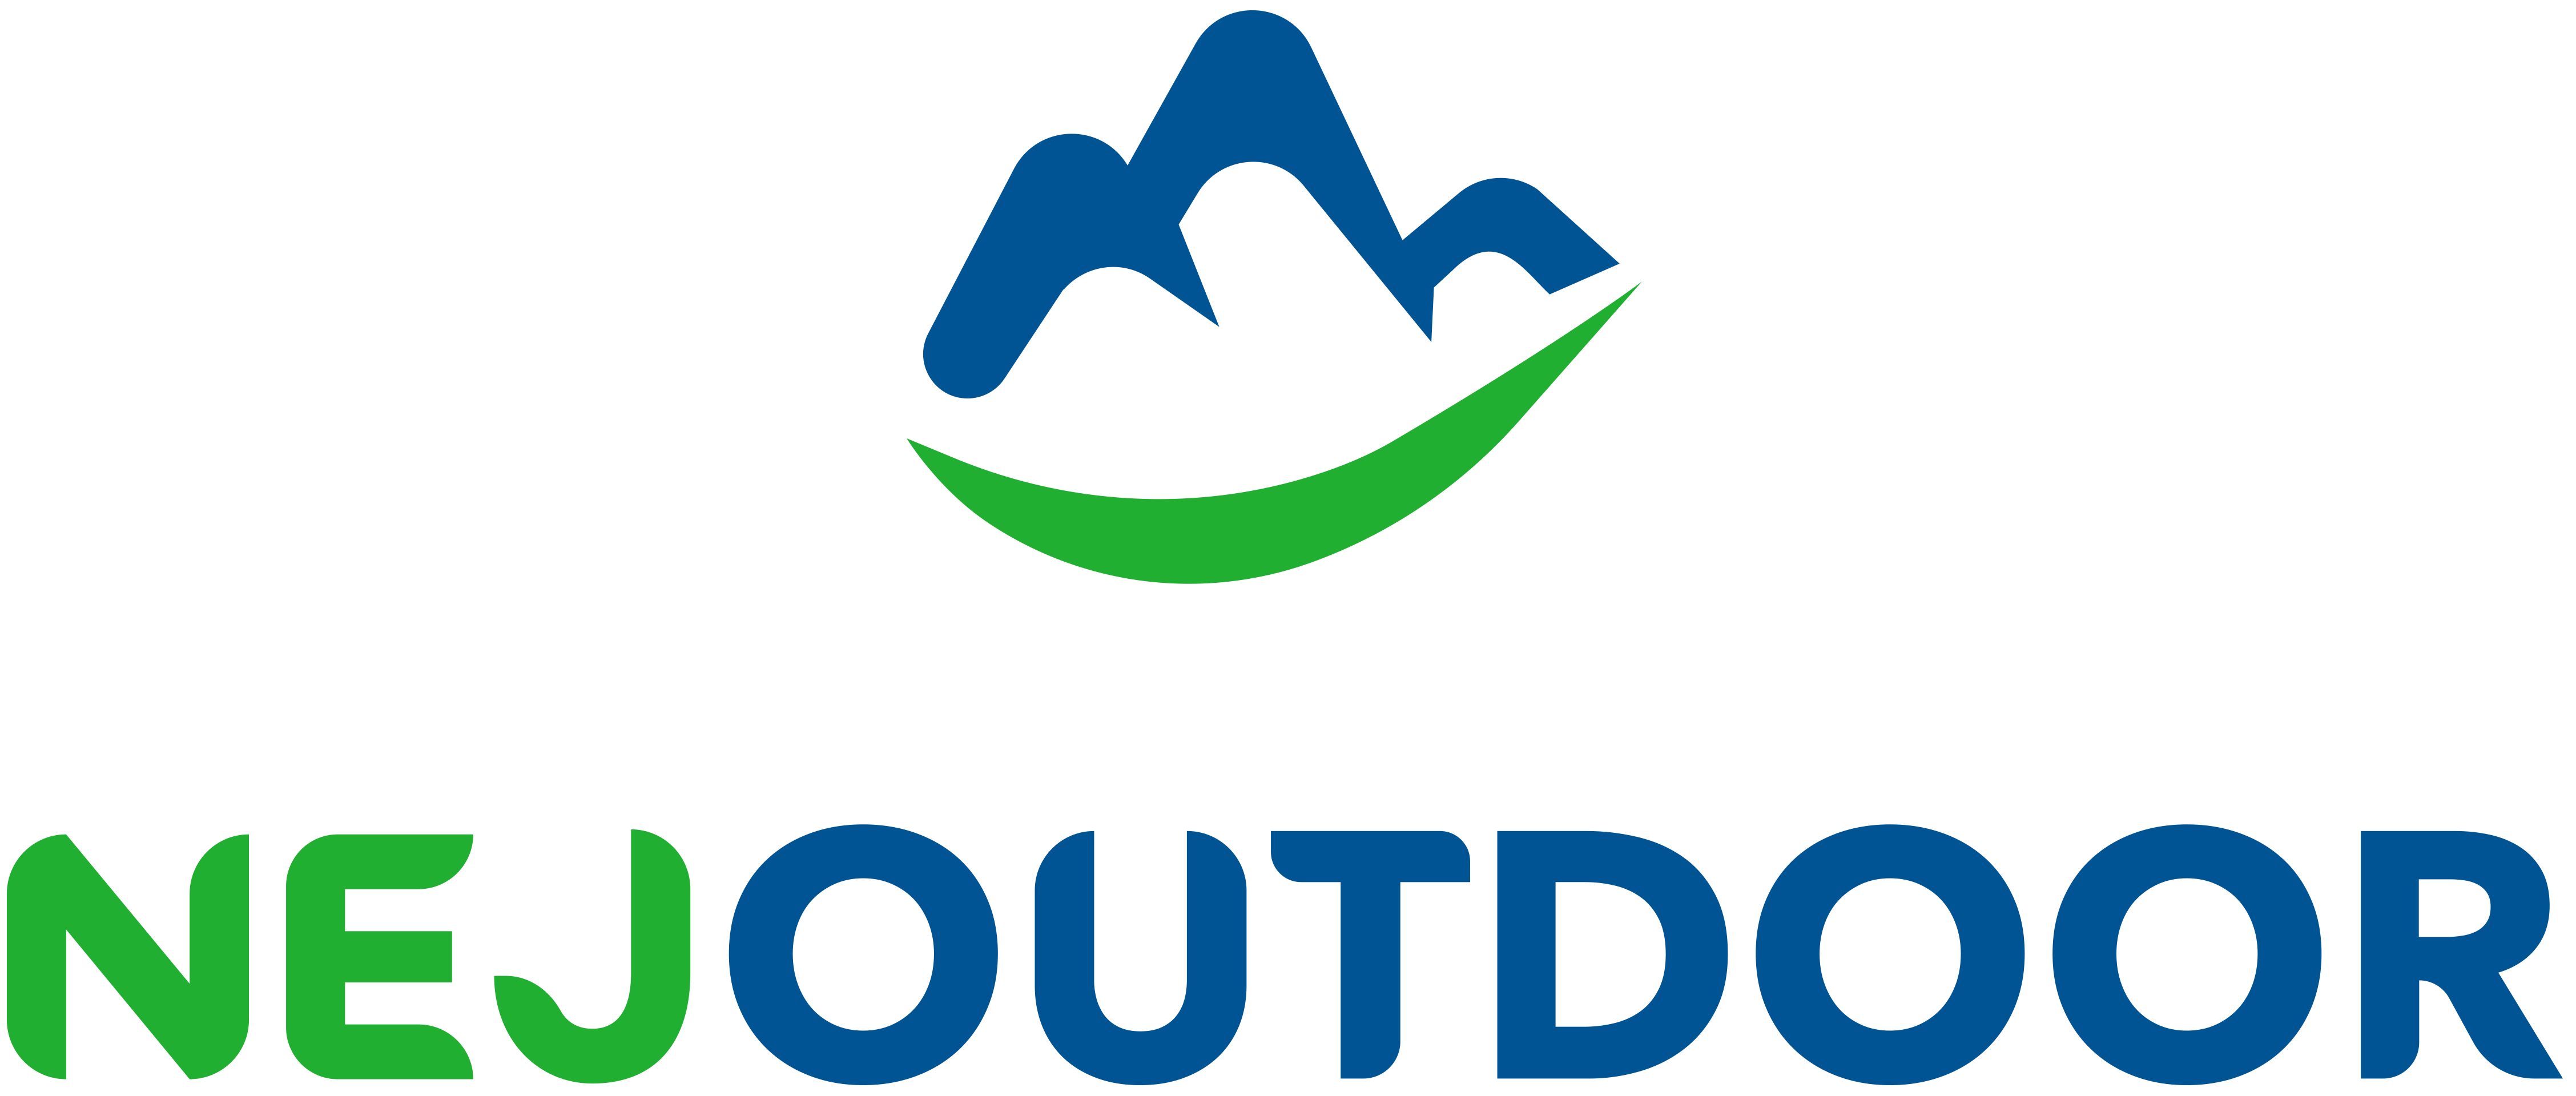 Logo Nejoutdoor.cz